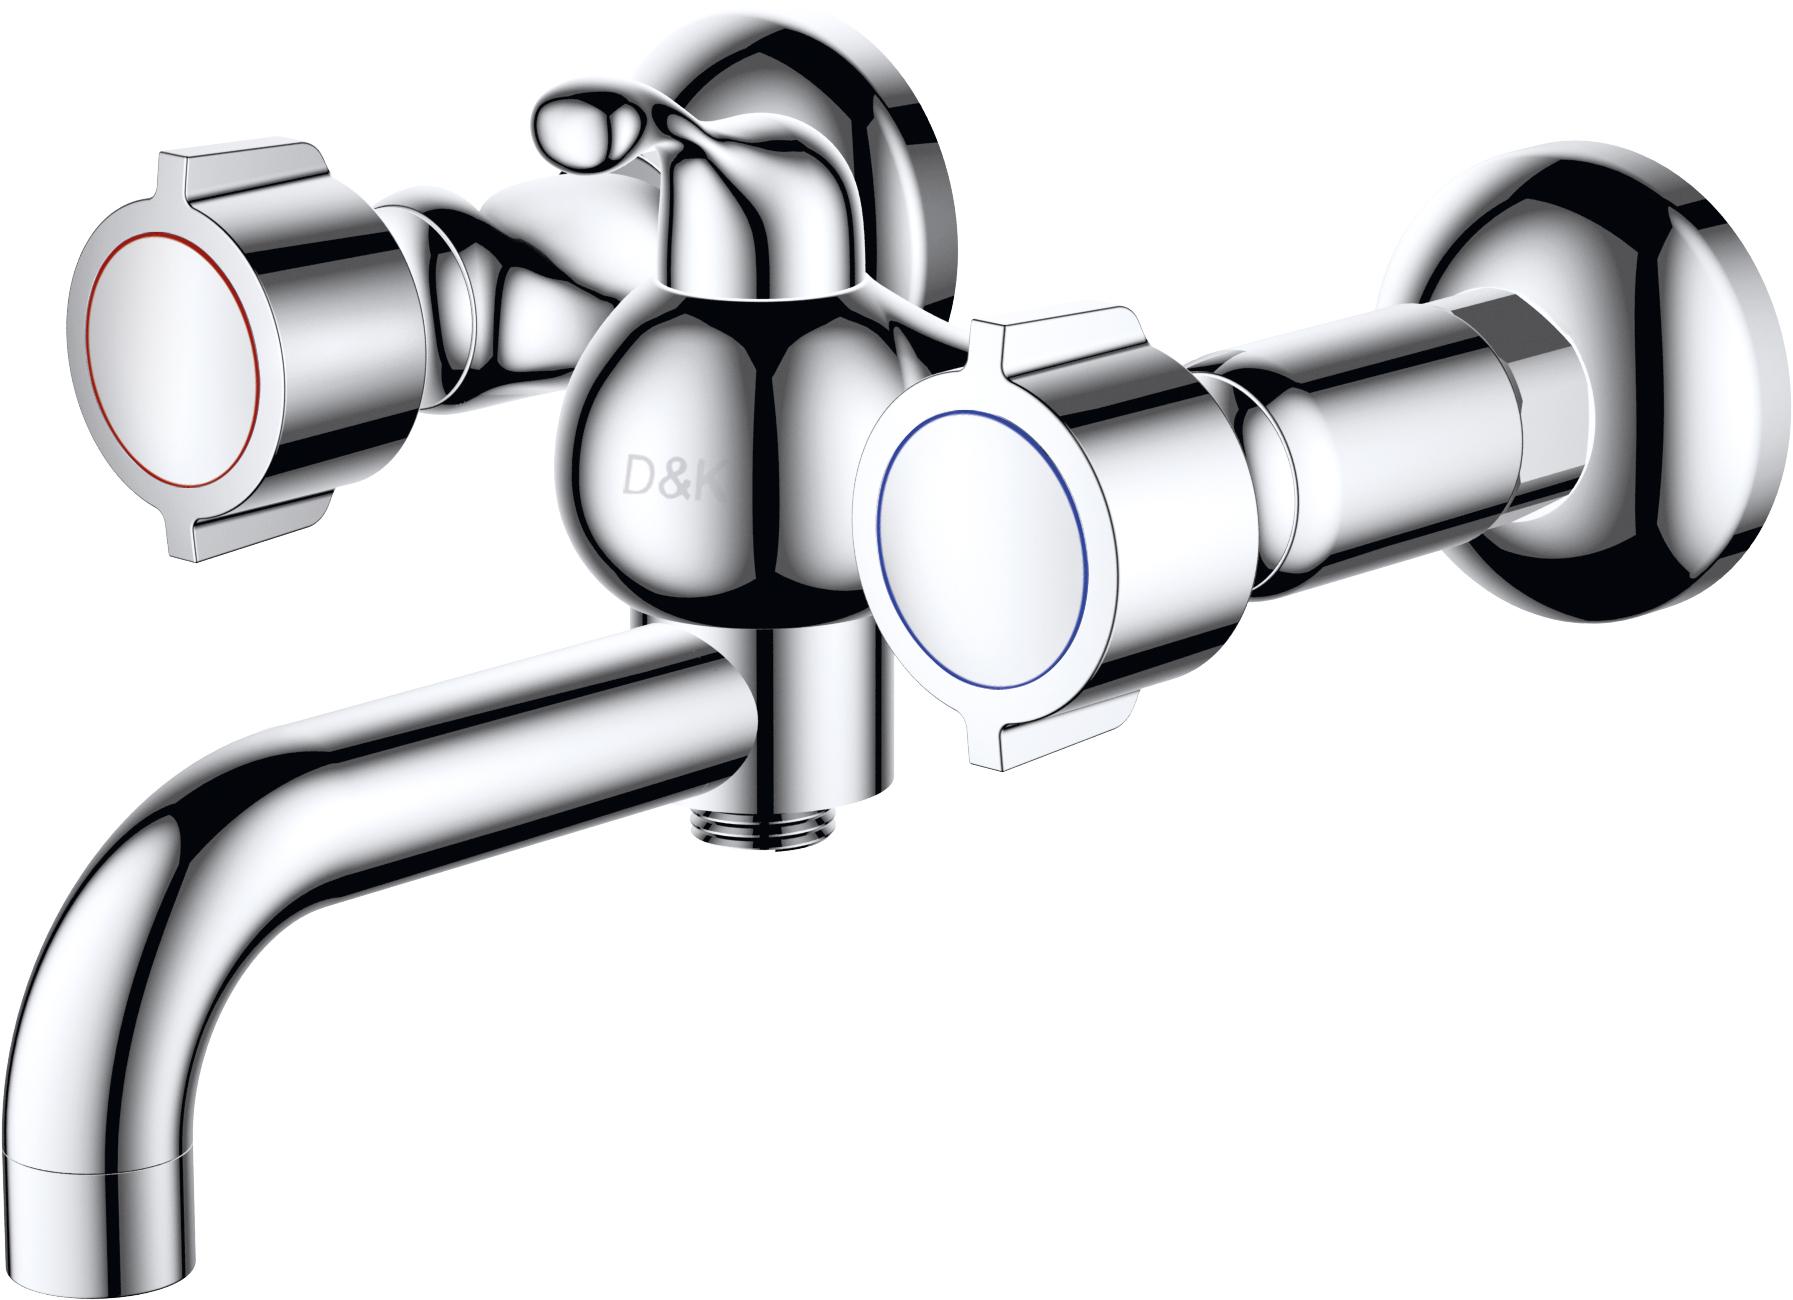 Смеситель для ванны с душем D&K Hessen.Torhall DA1413241 короткий излив хром